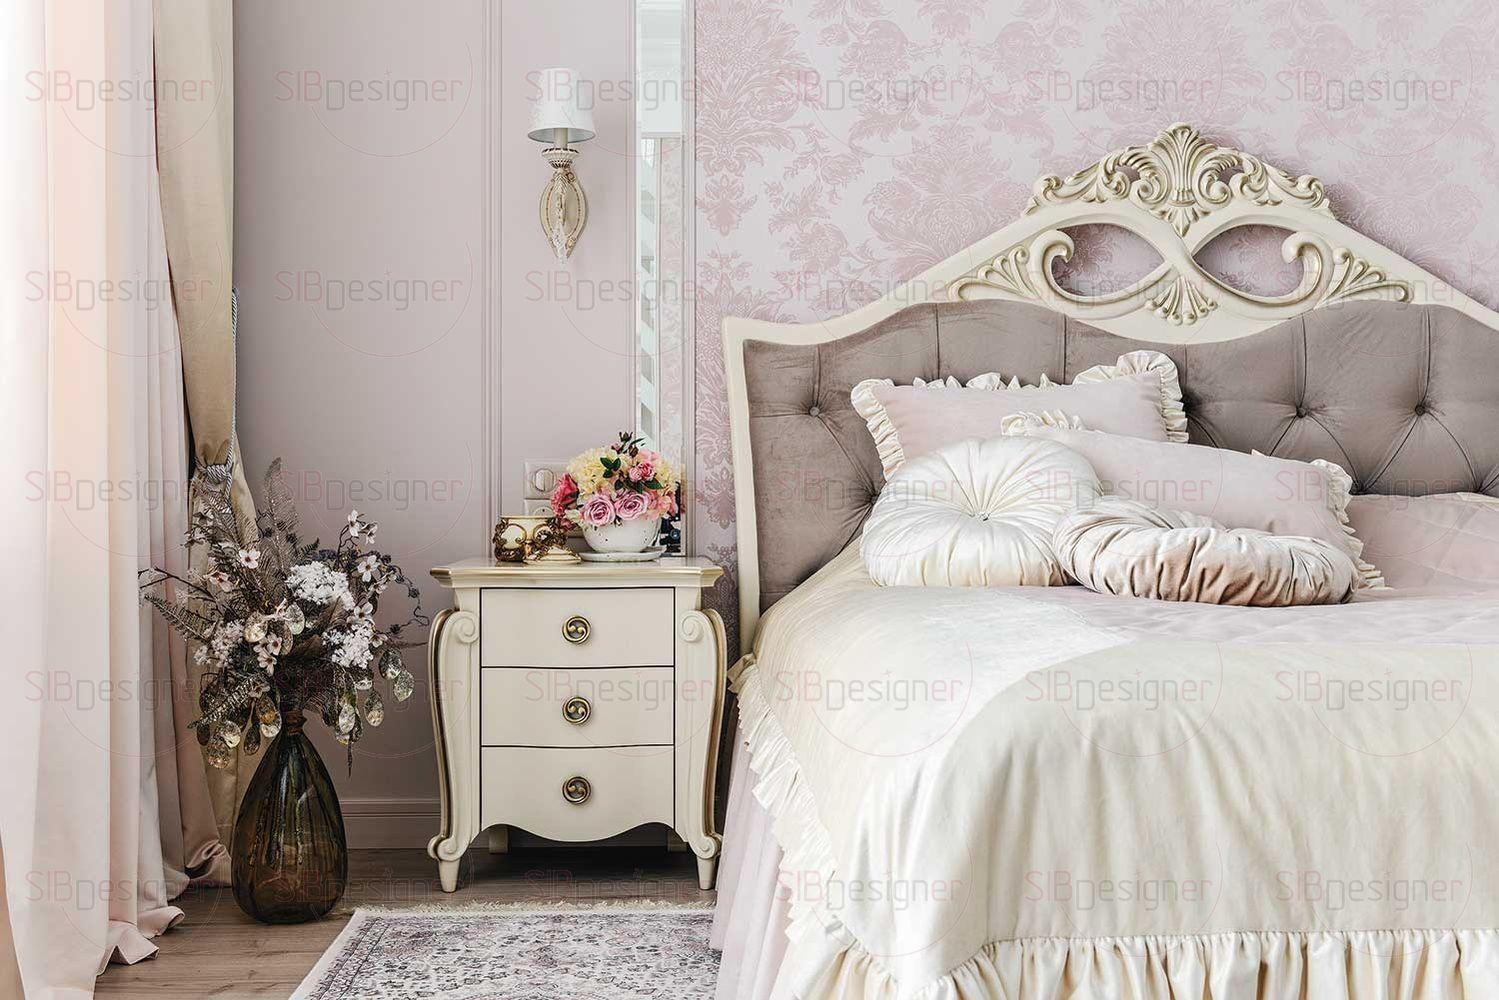 В спальне супругов обилие декора, мебели с достаточно пышными узорами, что делает эту комнату самой классической по сравнению с остальным пространством.